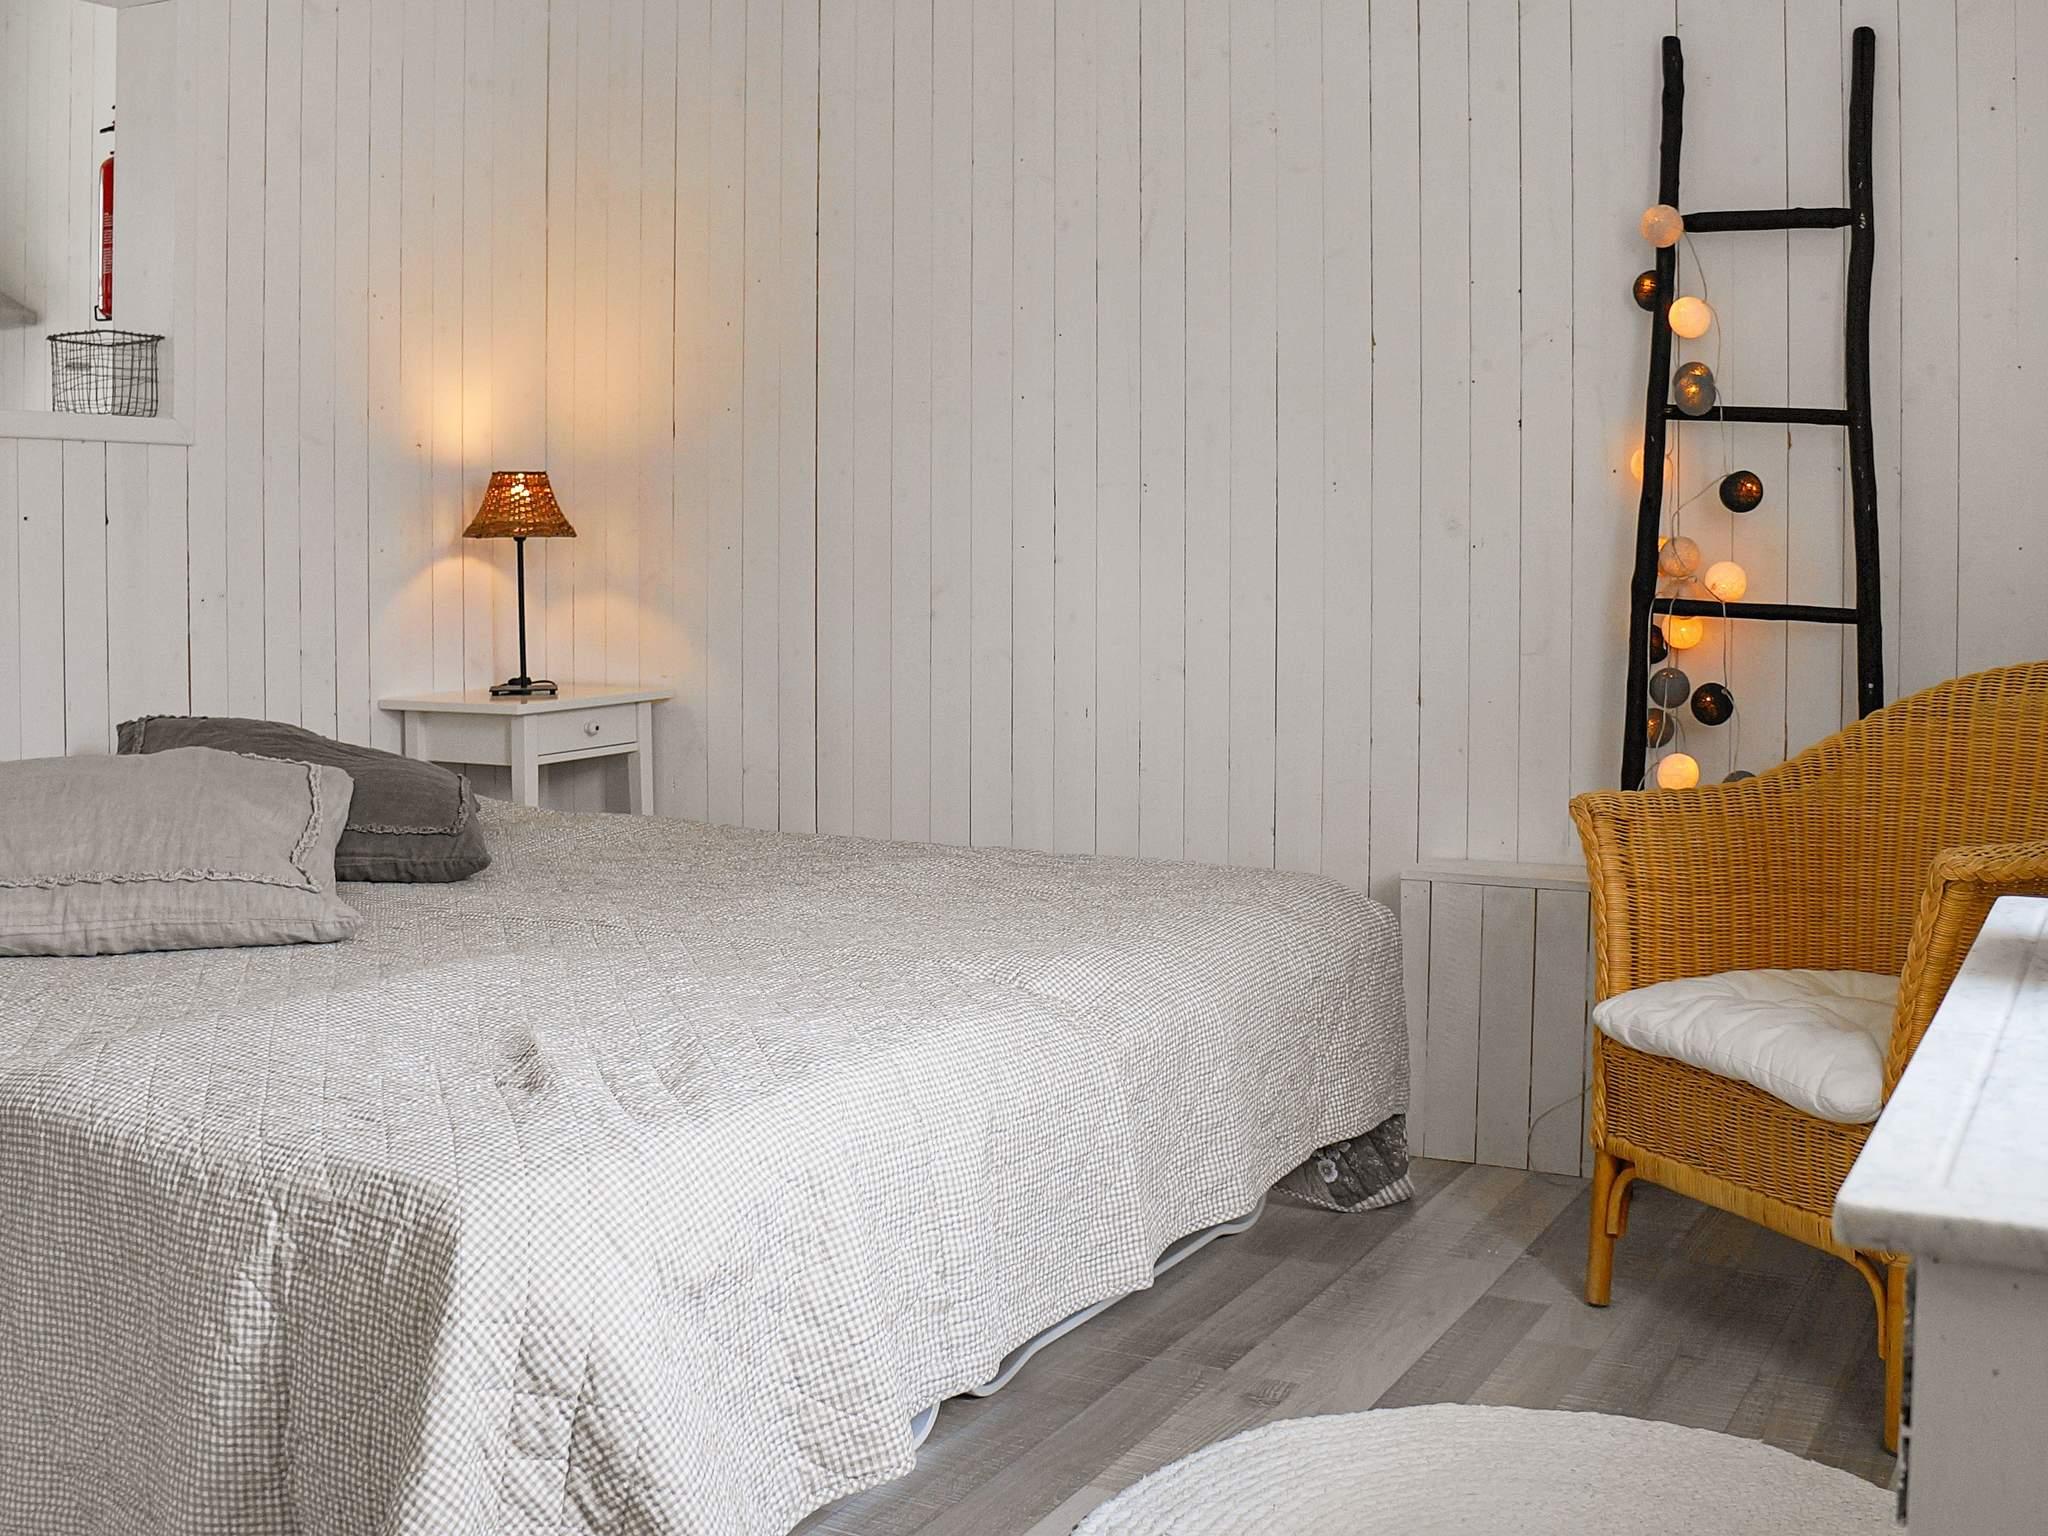 Ferienhaus Orust/Ellös (2354327), Ellös, Västra Götaland län, Westschweden, Schweden, Bild 6